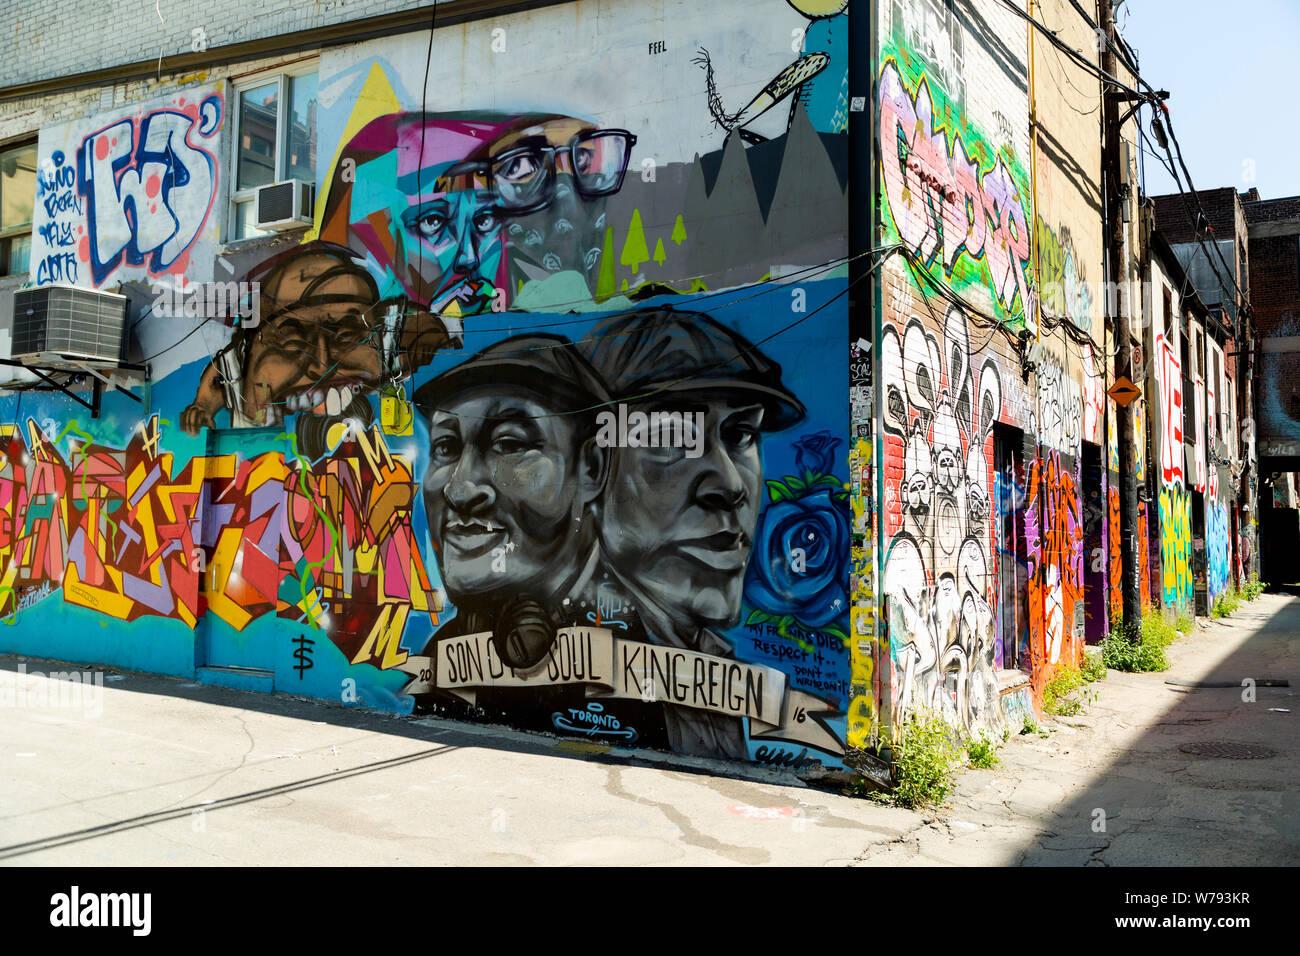 Street art Graffiti dans la ruelle, dans le quartier de la mode de Toronto, Ontario Canada Banque D'Images